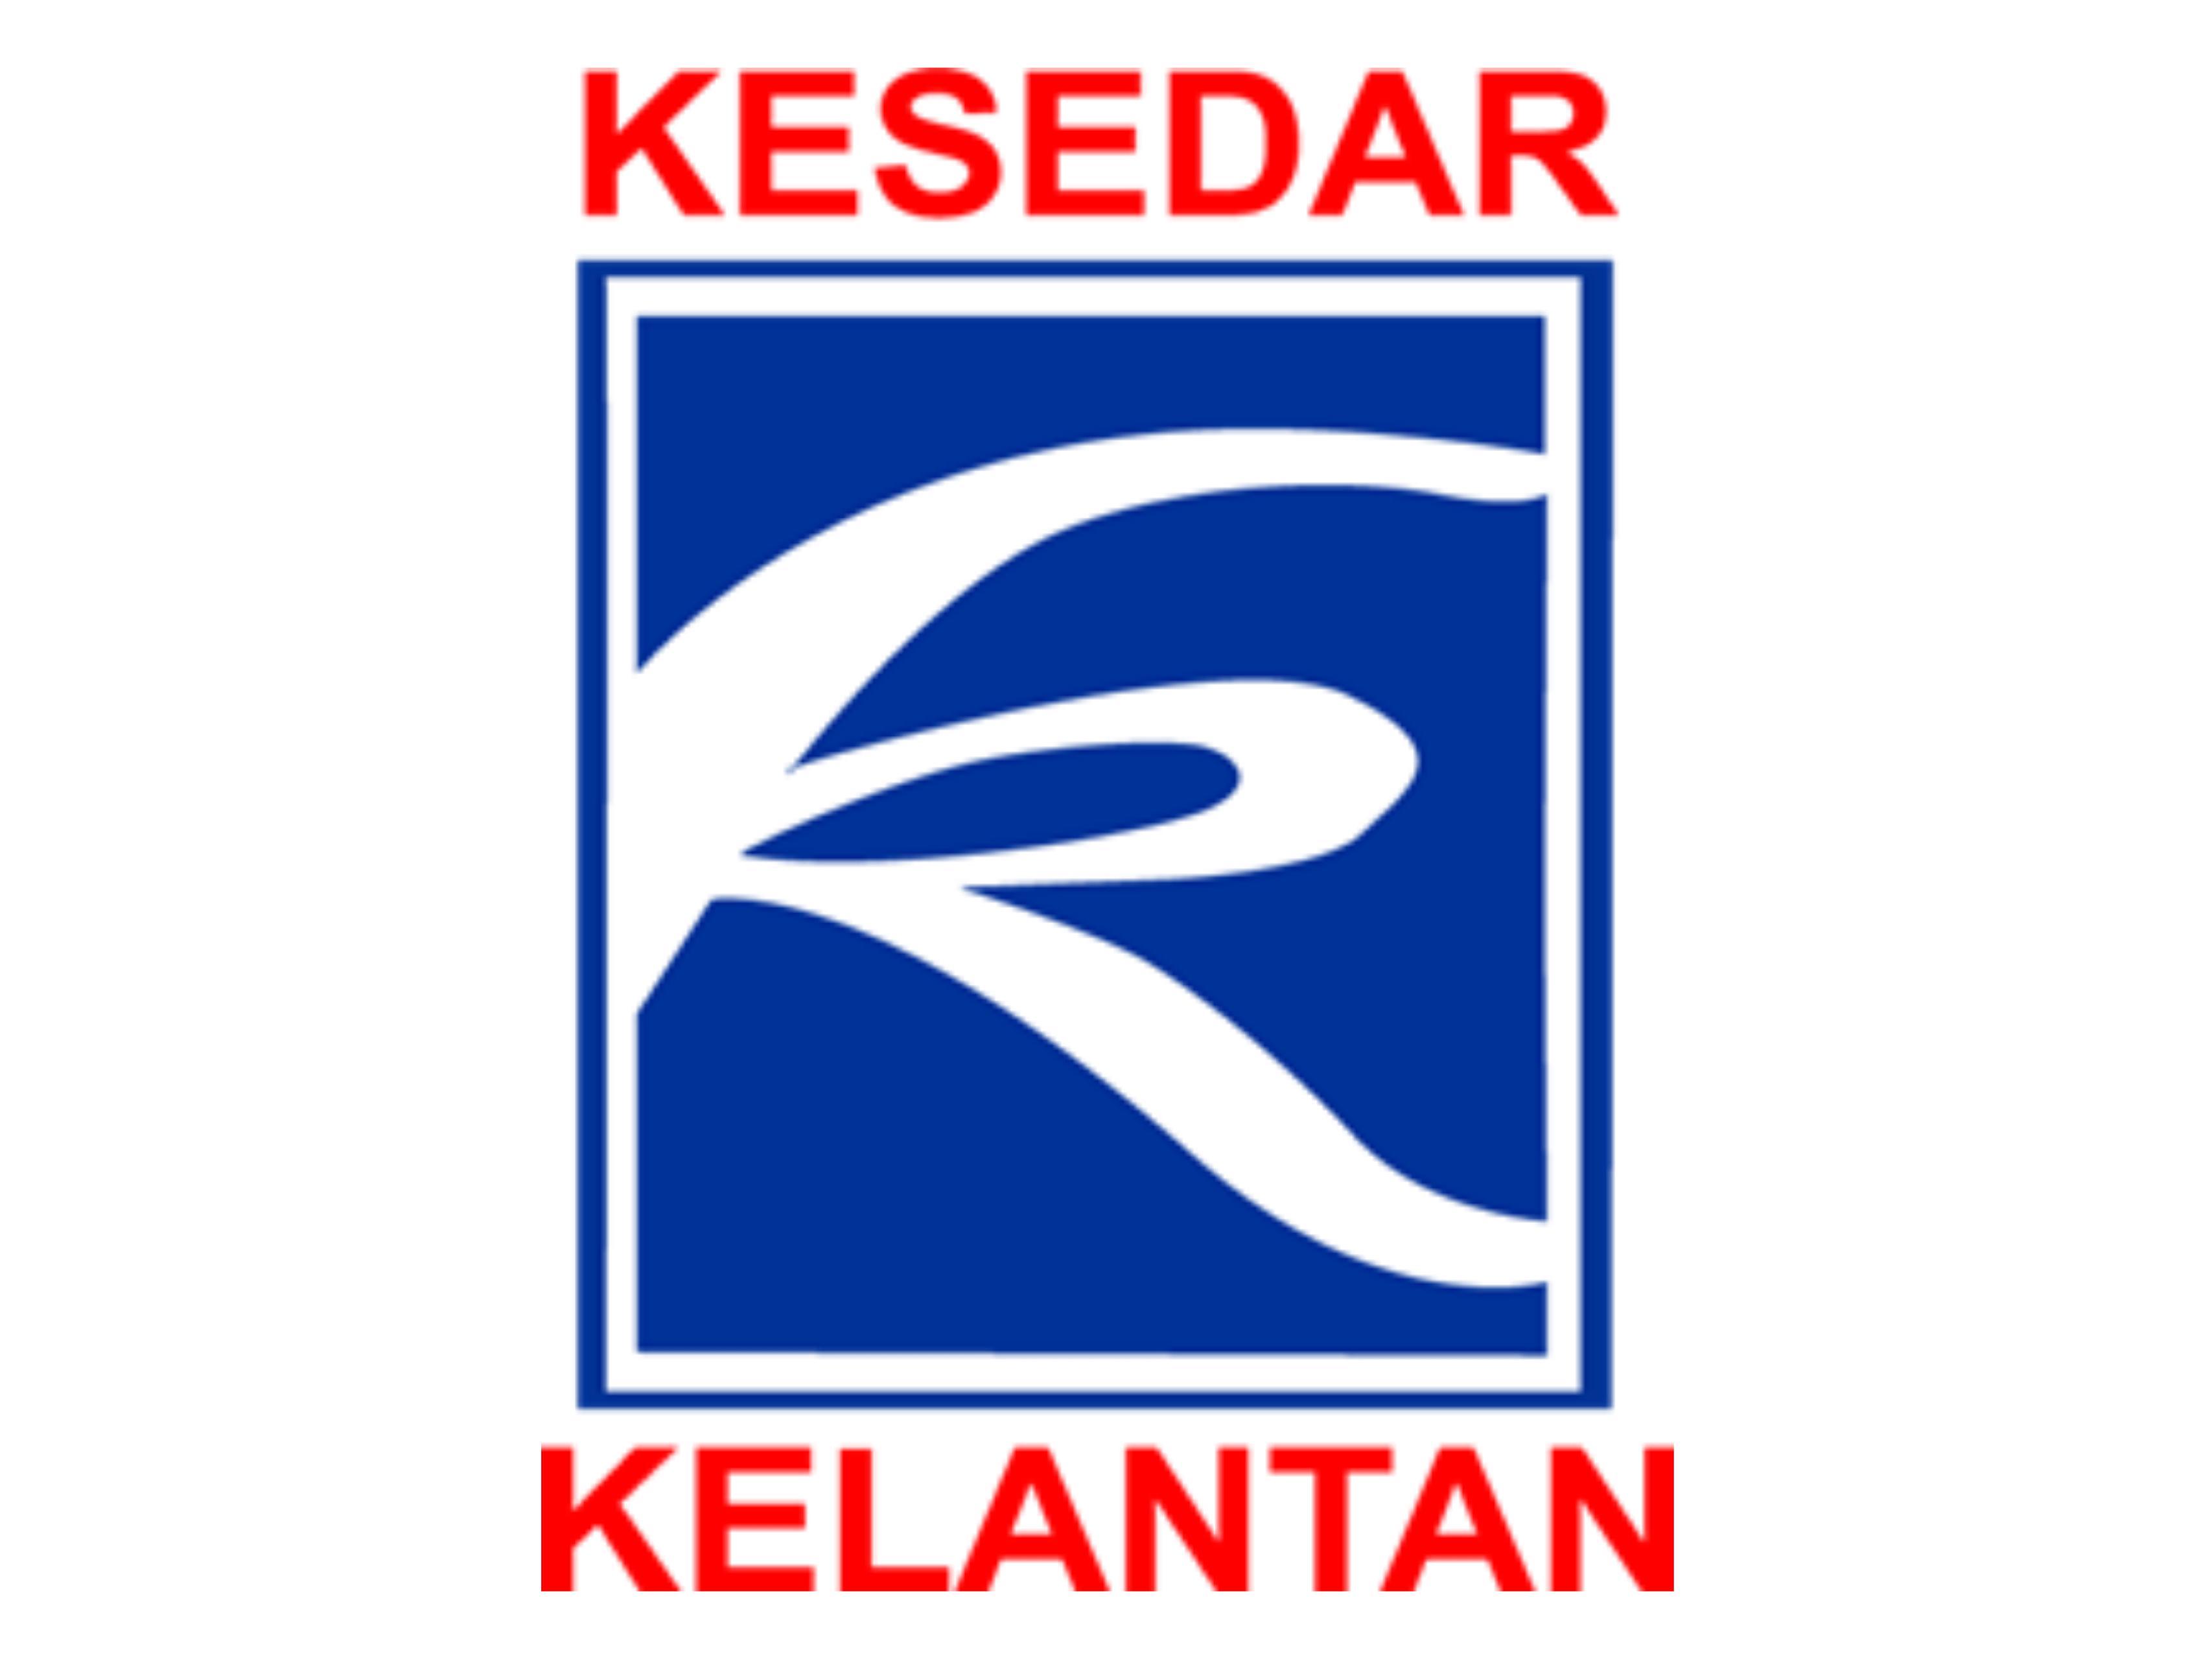 Jawatan Kosong Di Lembaga Kemajuan Kelantan Selatan Kesedar Negerikelantan Com